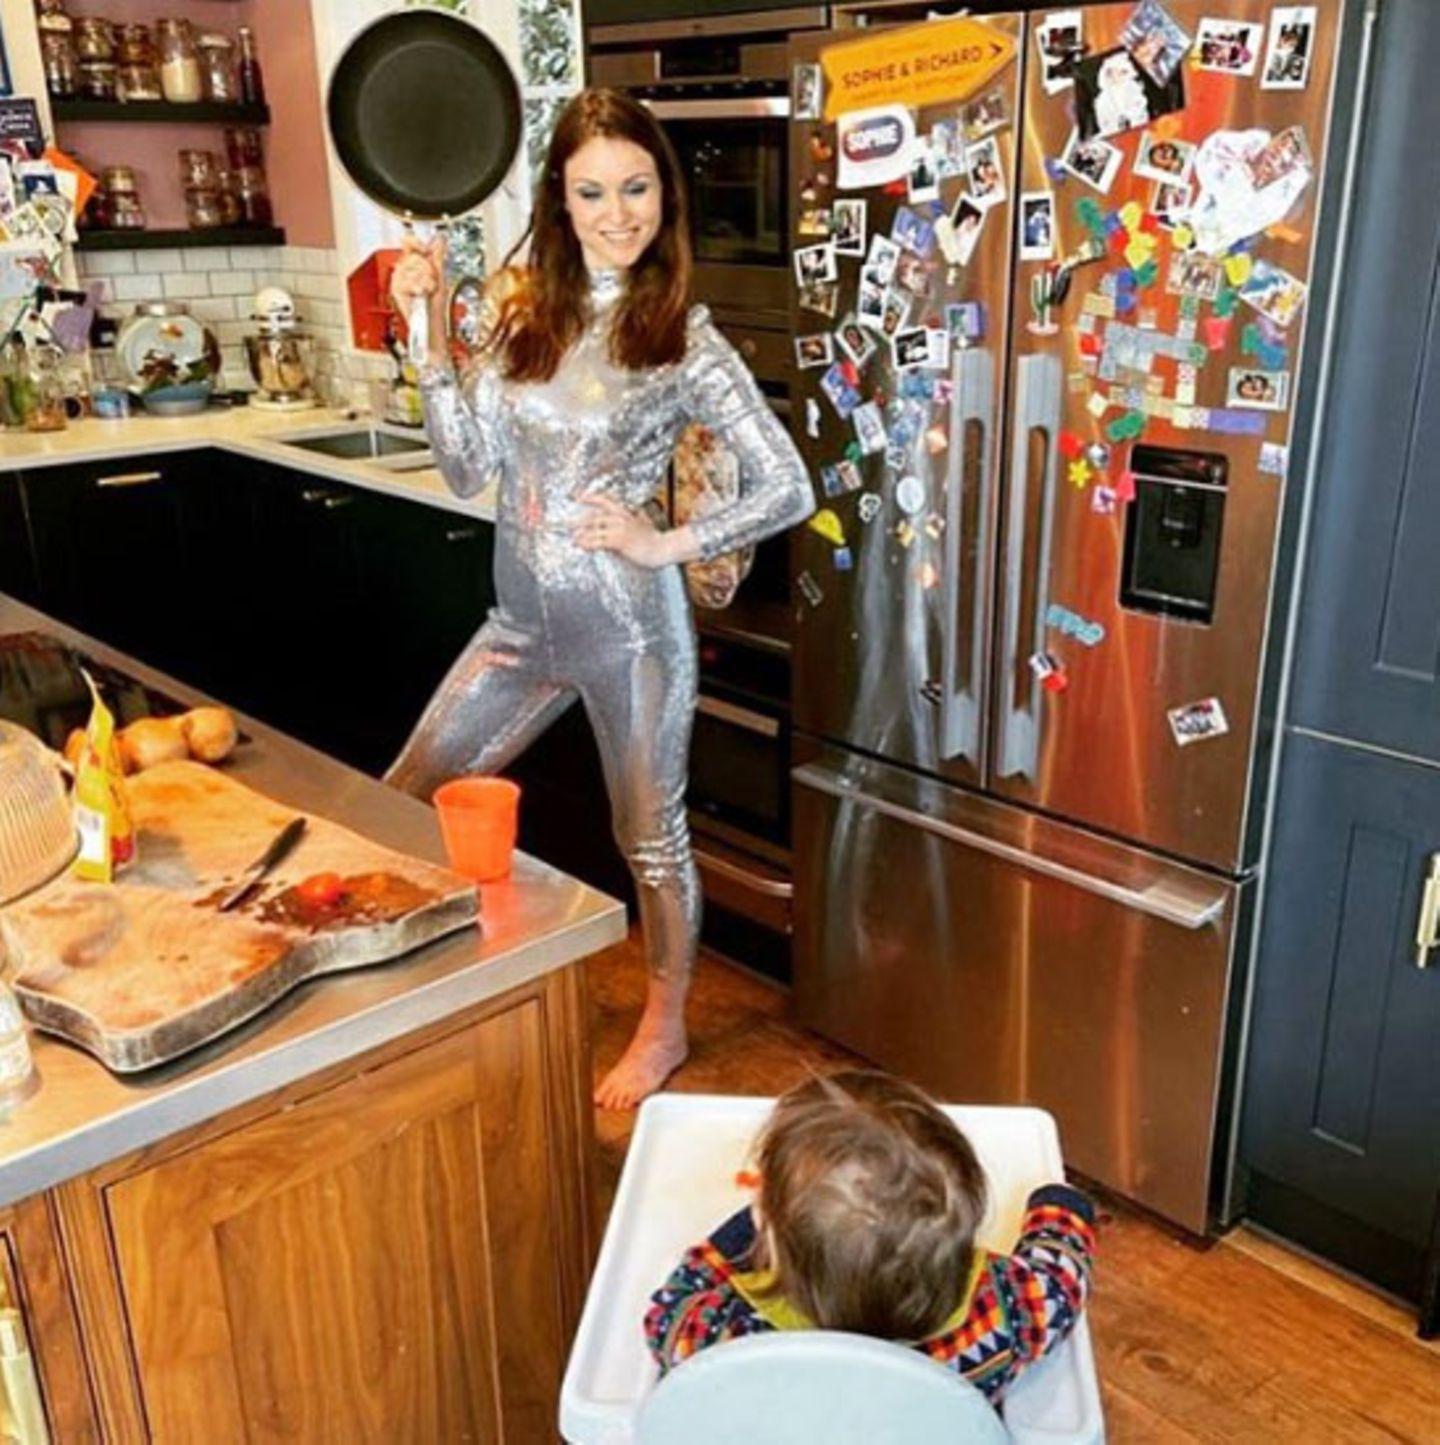 Sophie Ellis-Bextor zeigt, wie Social D(ist)ancing geht. Im sexy Glitzer-Outfit ist die Sängerin bereit für die Küchen-Disco. Und nicht nur Söhnchen Mickey freut sich auf die Party, sondern auch die Fans sind via Instagram Live-Story zum Mitfeiern und Singen eingeladen.